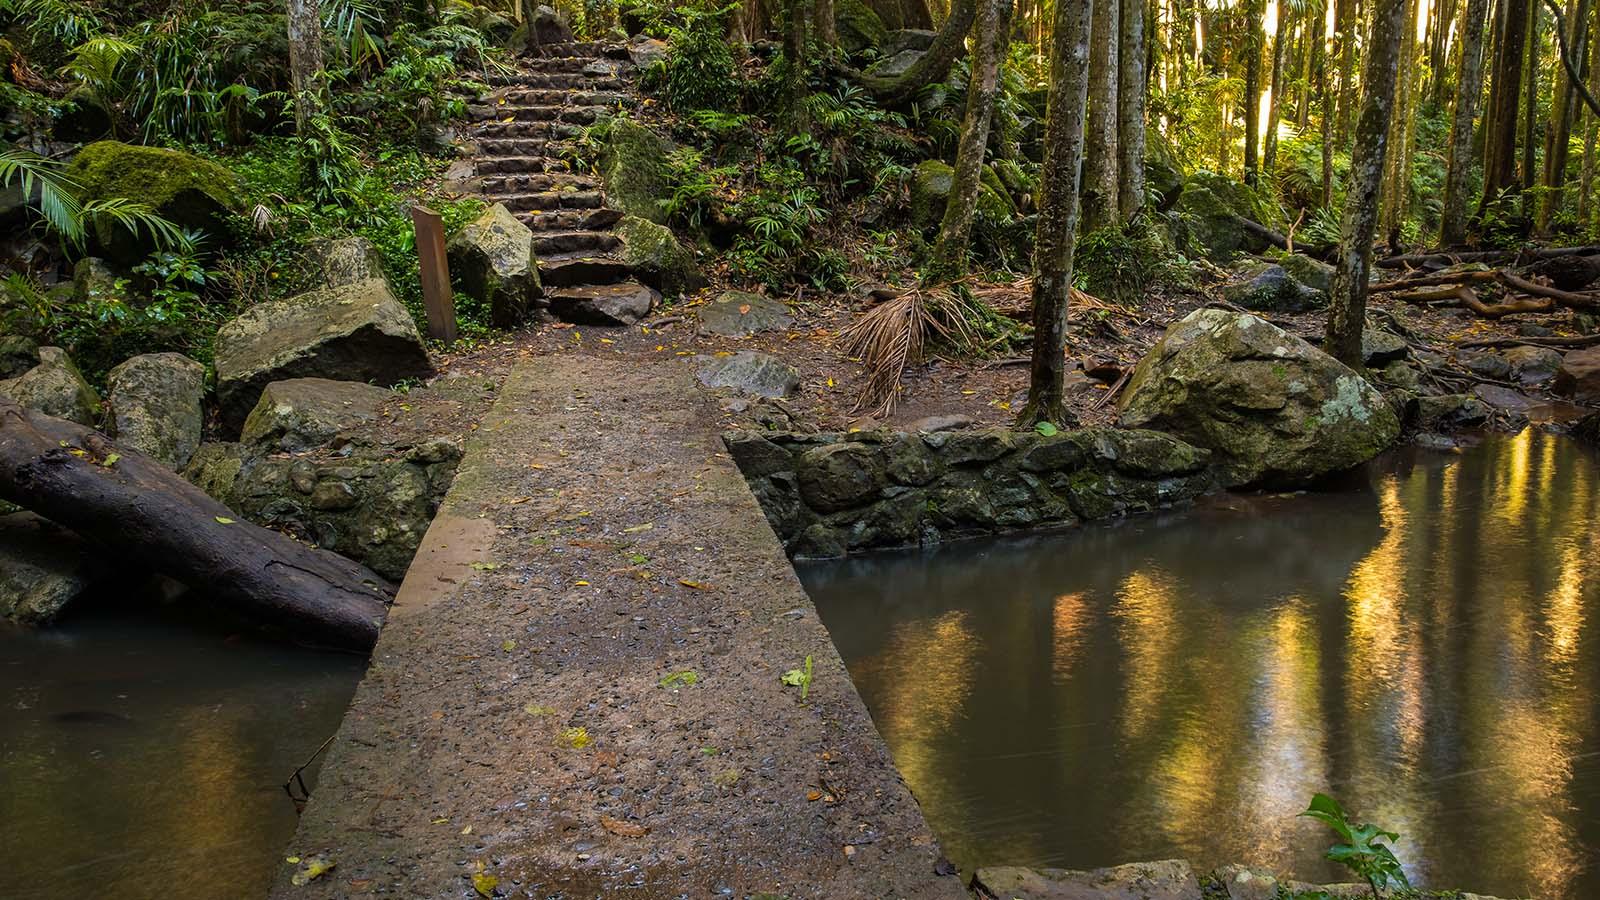 O'Reilly's Mountain - Bridge